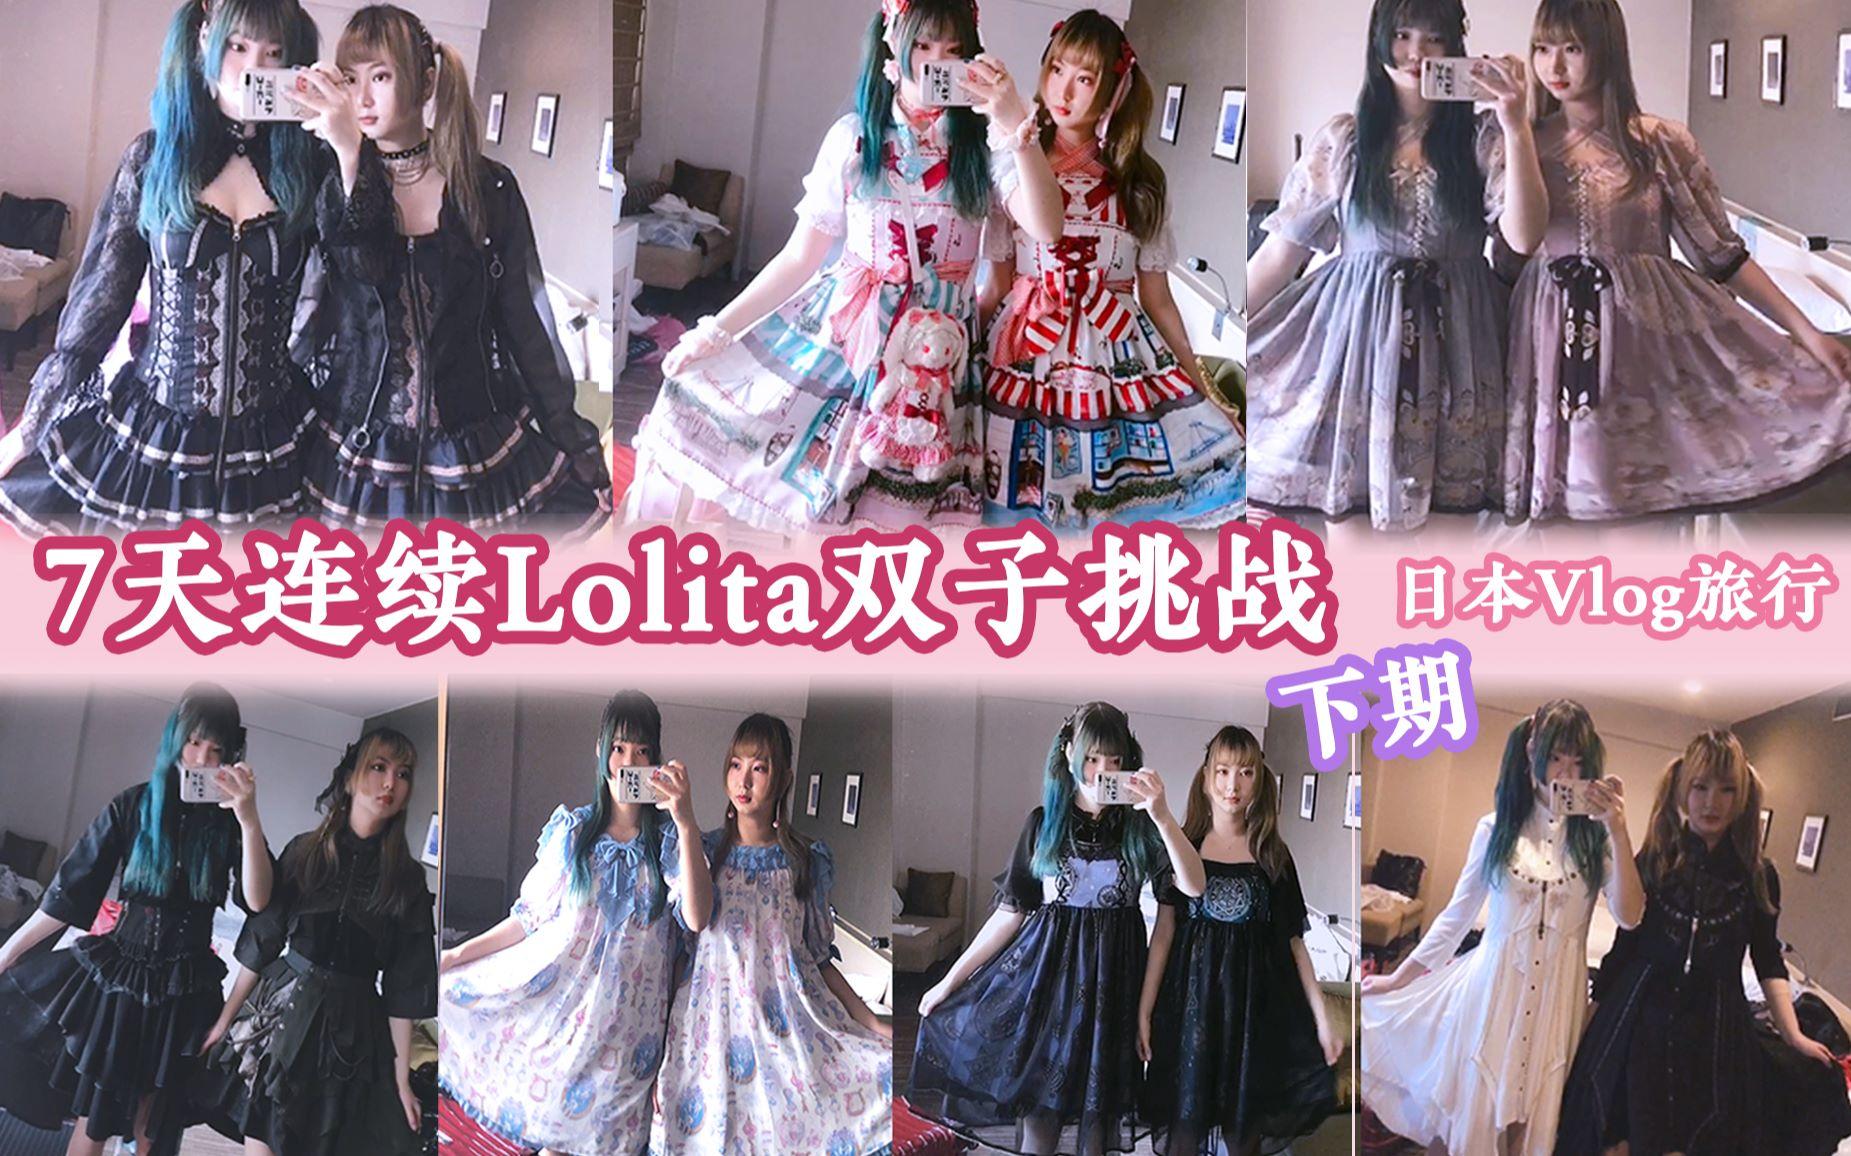 <七绀&Alice>7天连续Lolita双子是什么体验?和闺蜜一起日本Vlog旅行(下期)